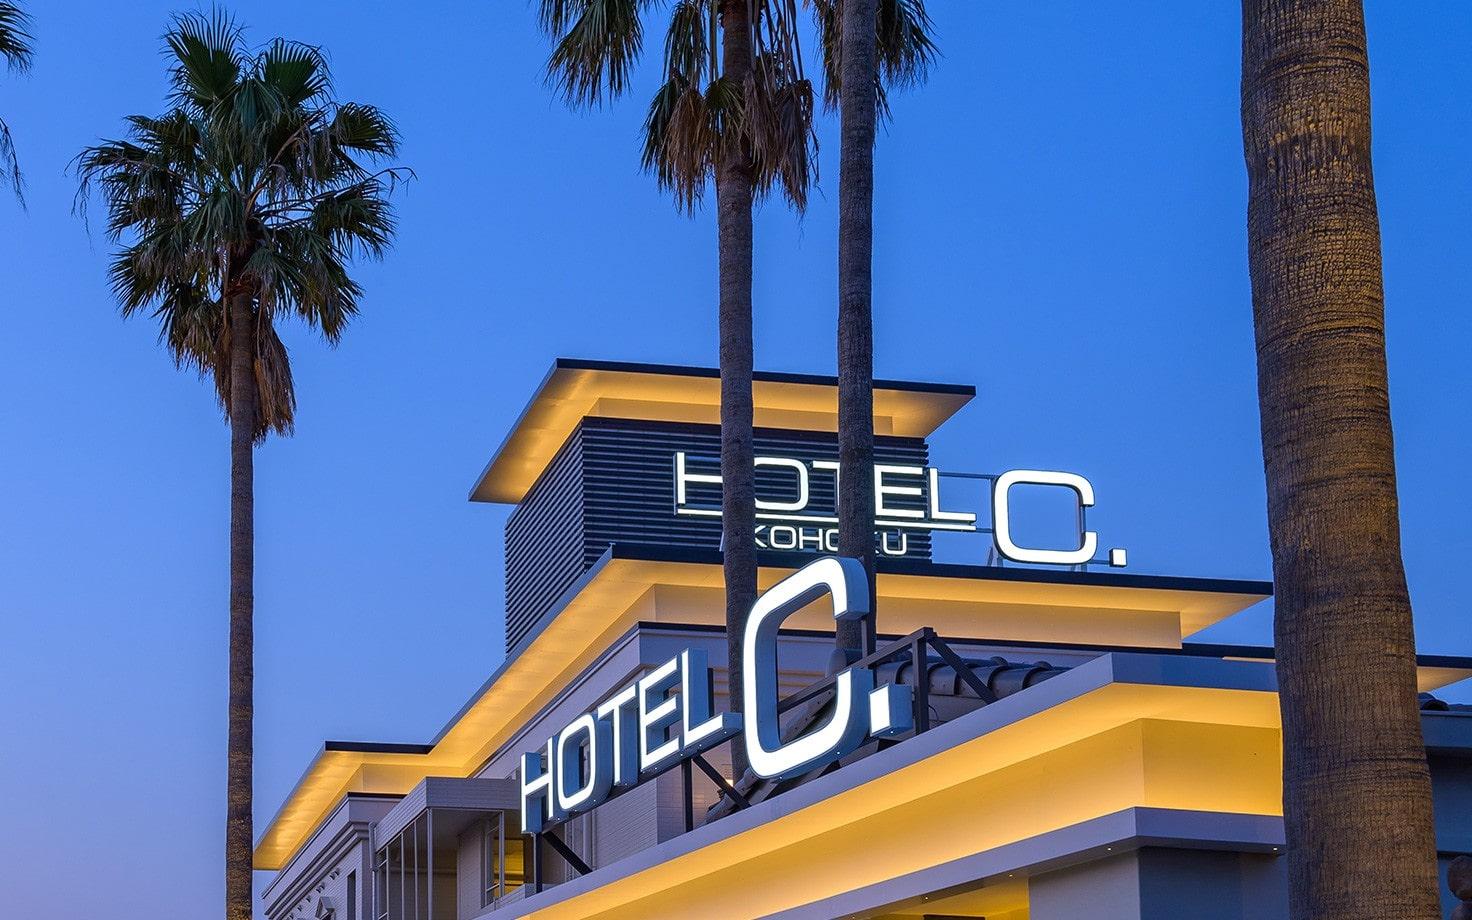 HOTEL C.港北(シードット港北)